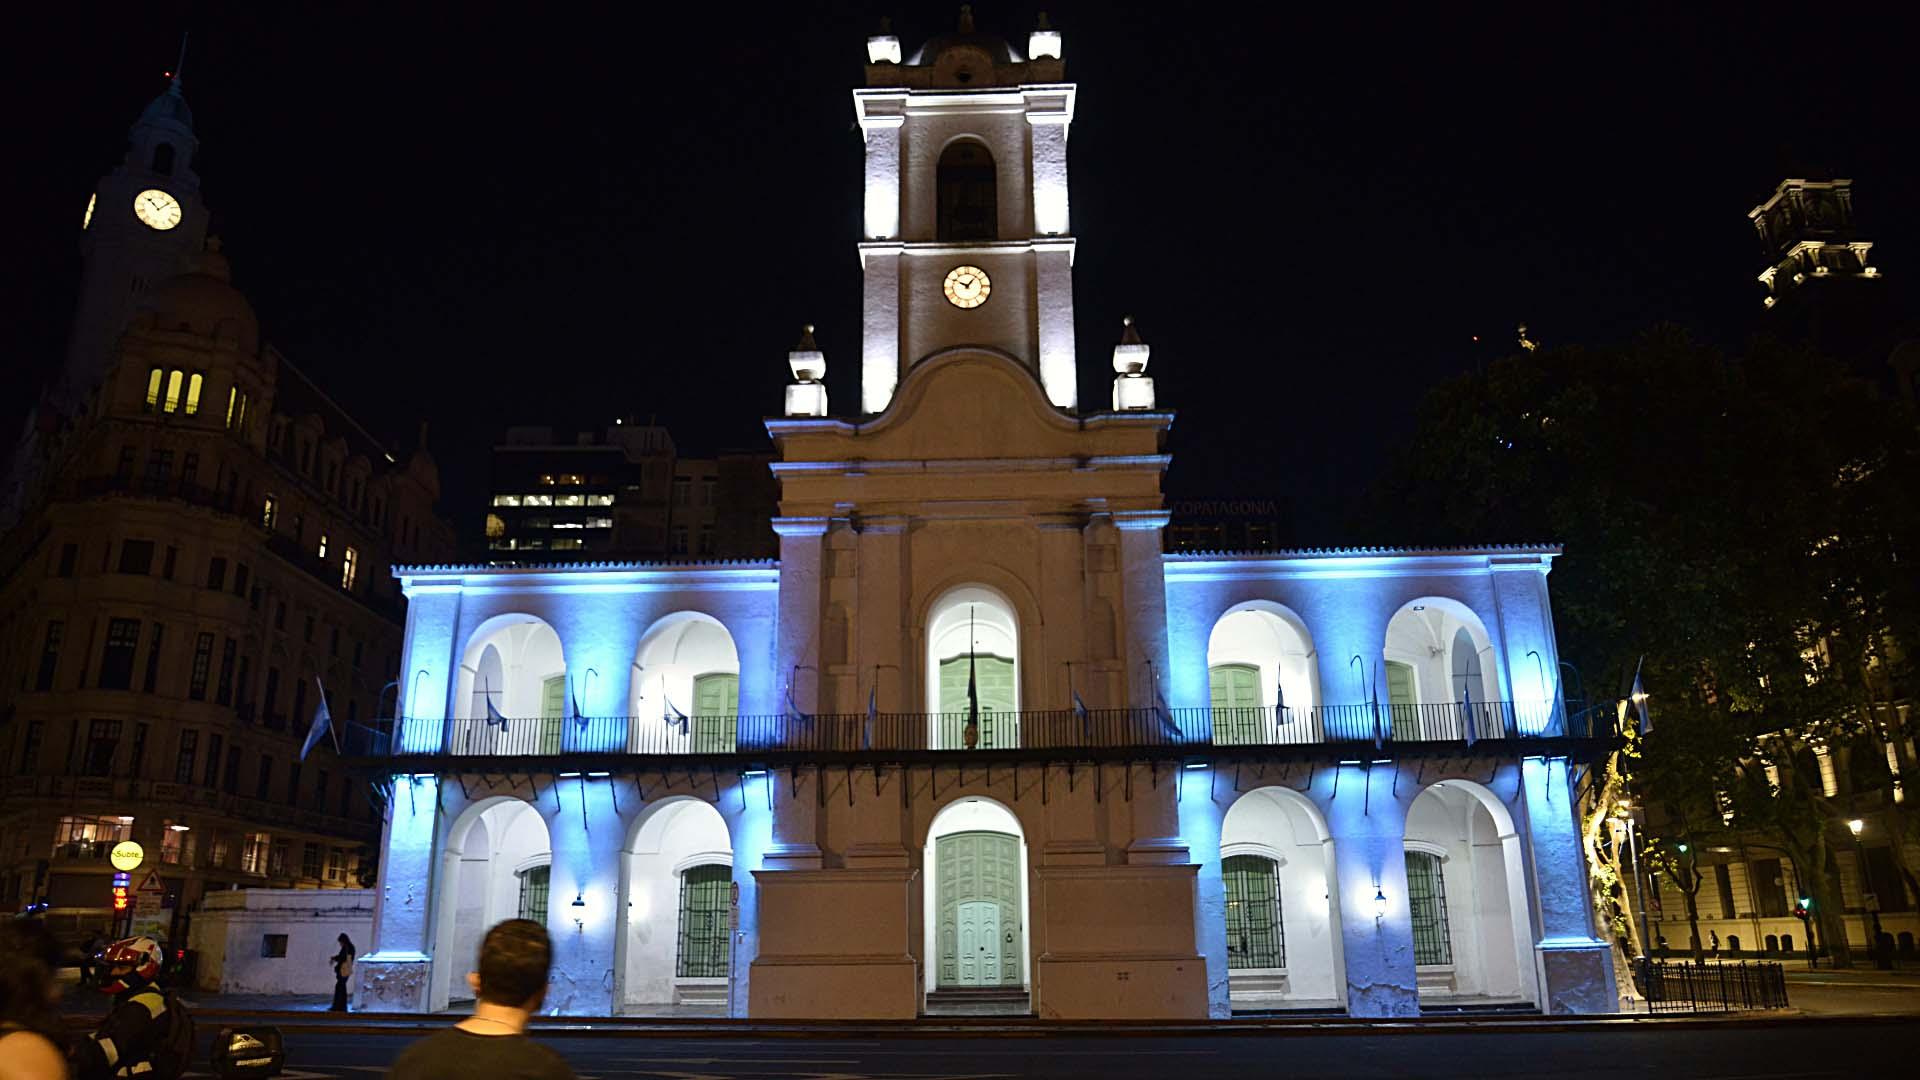 Monumentos y edificios emblemáticos de la Ciudad se iluminaron a modo de homenaje